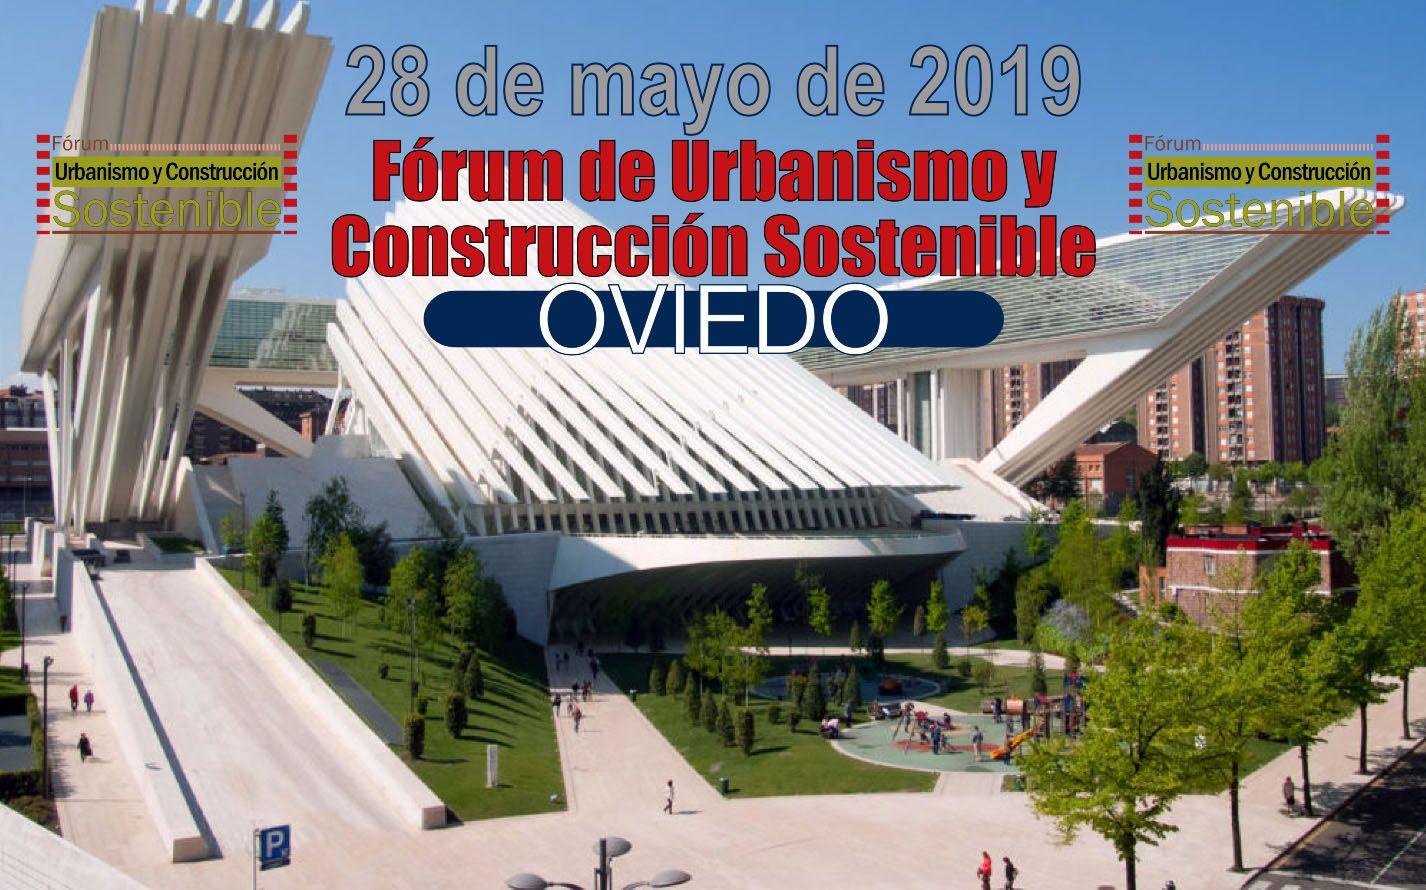 Foto de III Fórum de Urbanismo y Construcción Sostenible en Oviedo